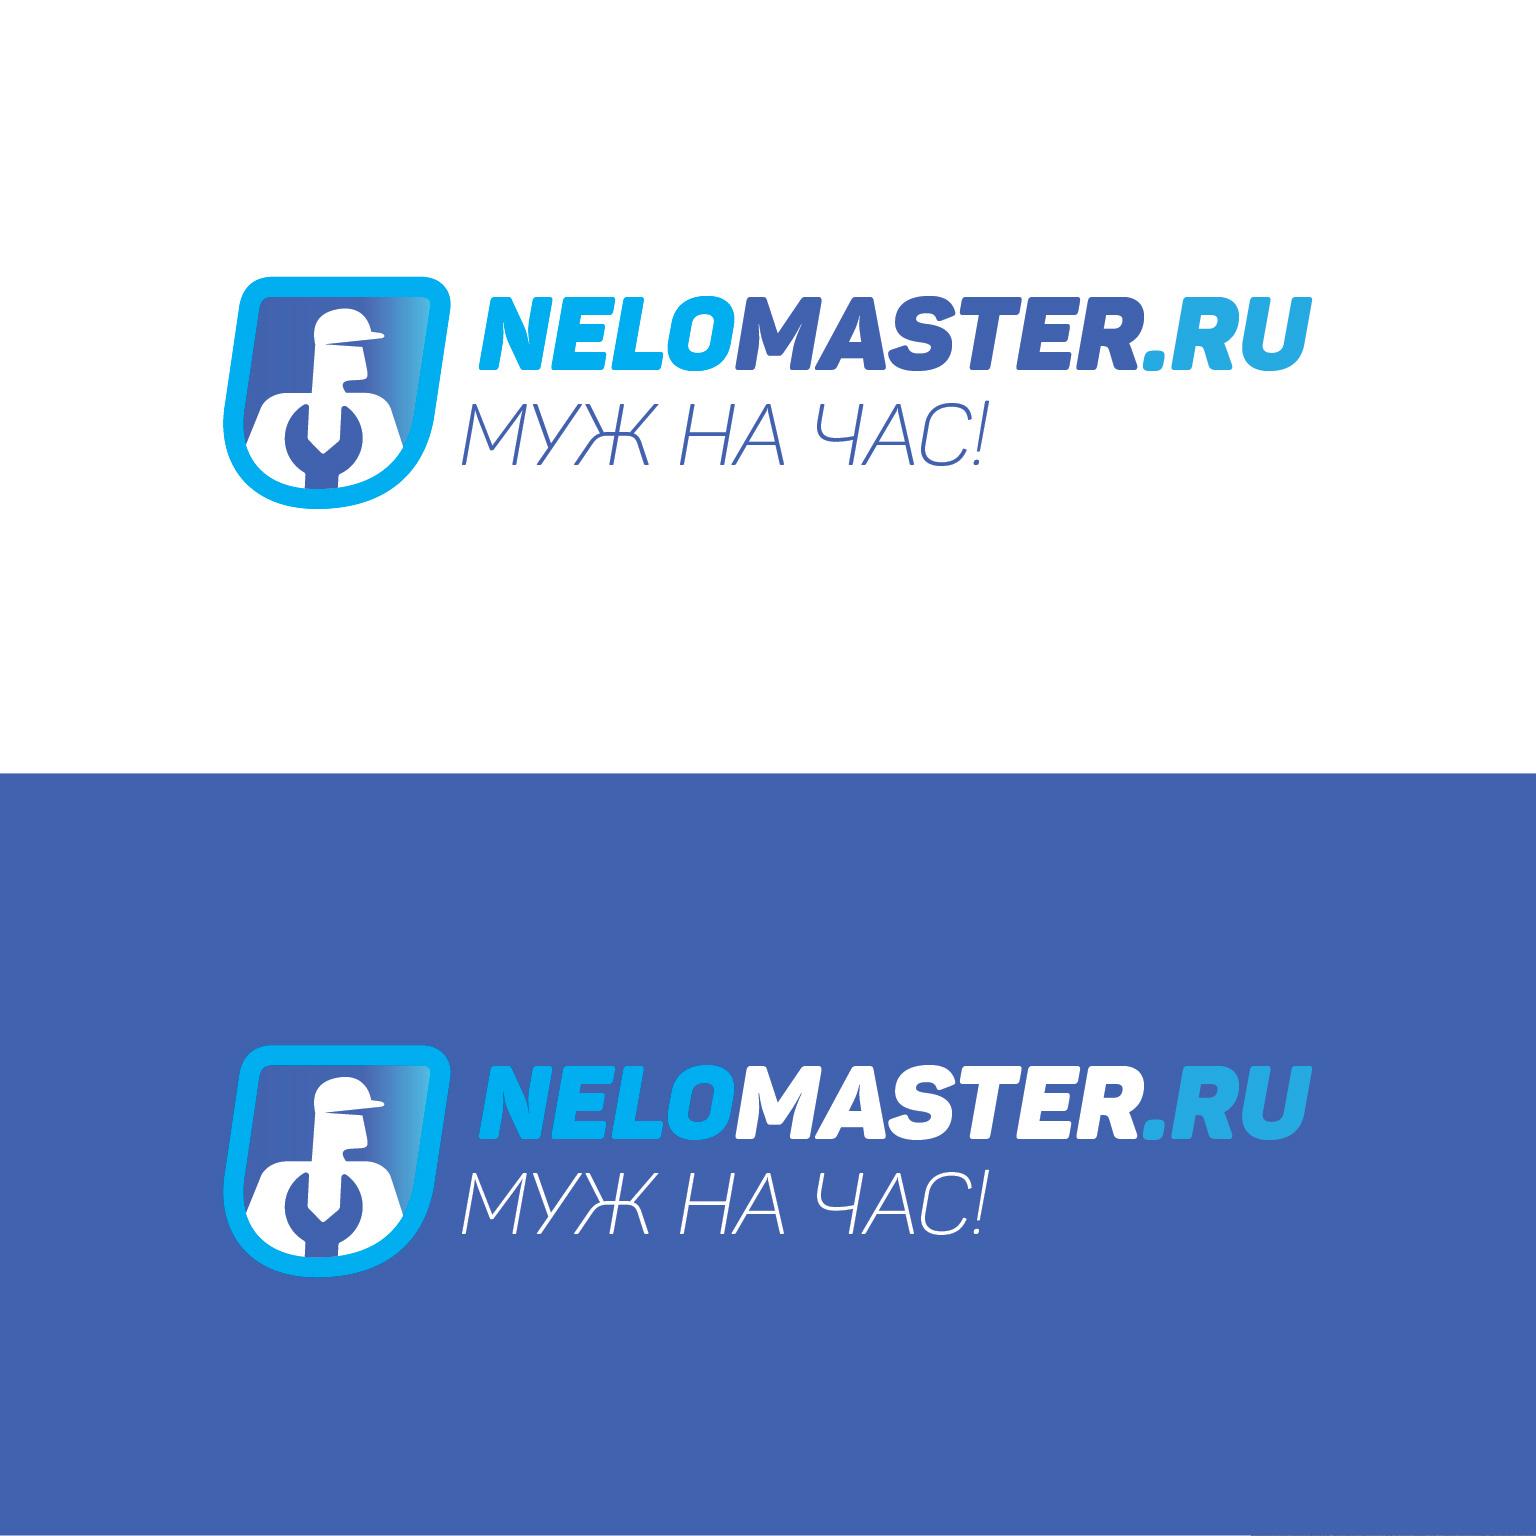 """Логотип сервиса """"Муж на час""""=""""Мужская помощь по дому"""" фото f_5175dc65dc137485.jpg"""